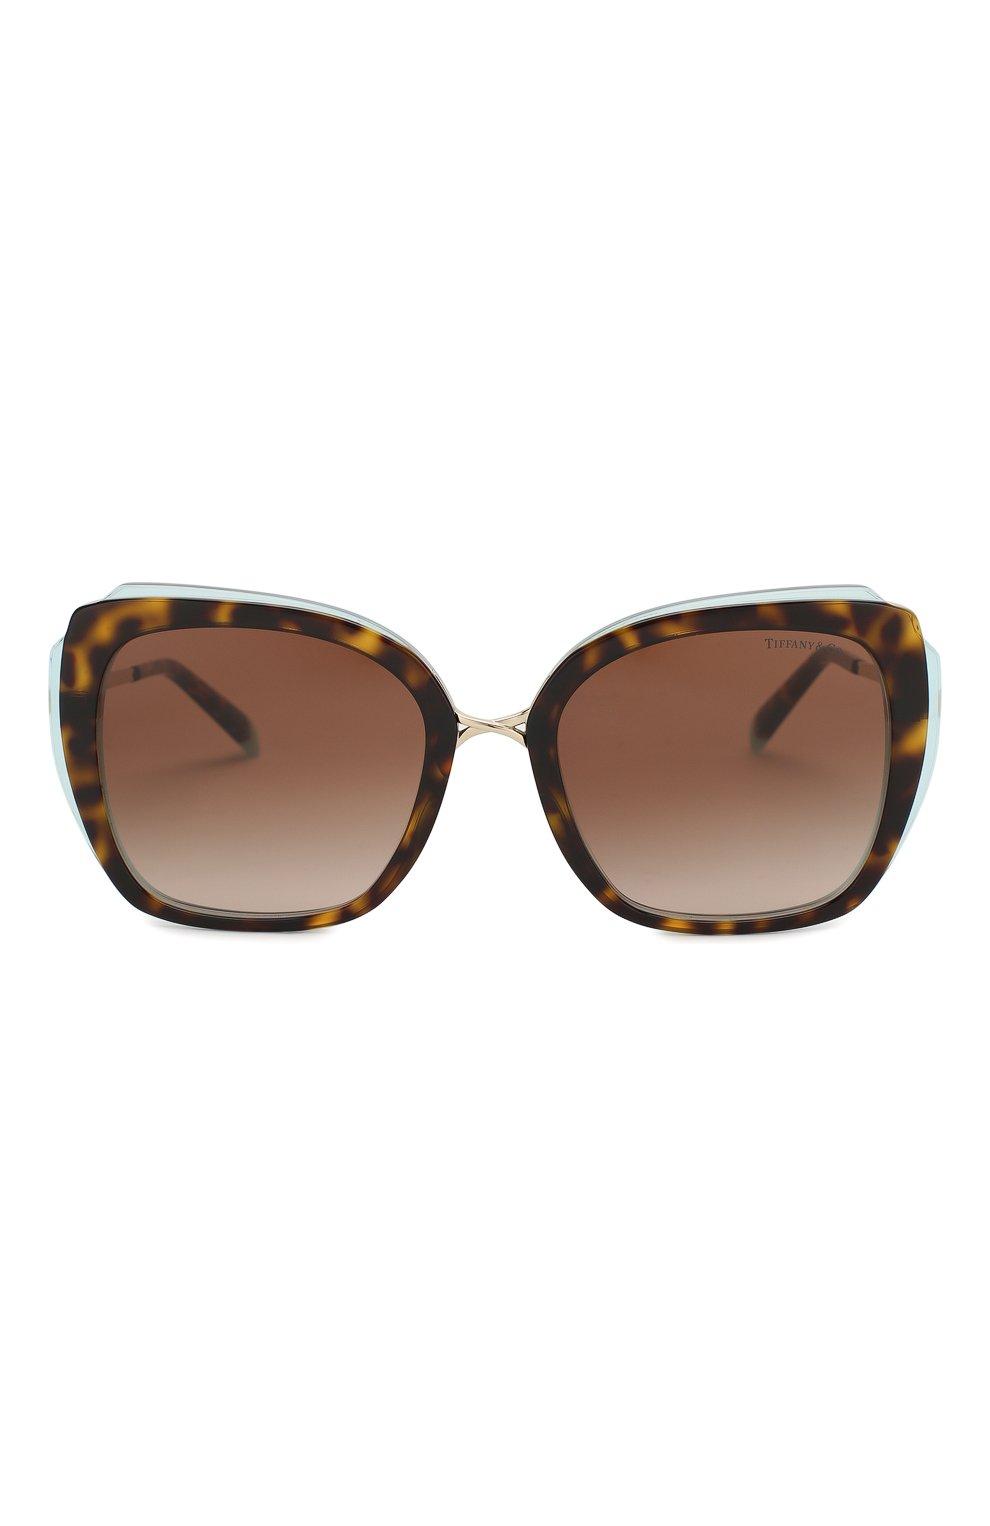 Женские солнцезащитные очки TIFFANY & CO. коричневого цвета, арт. 4160-82863B | Фото 3